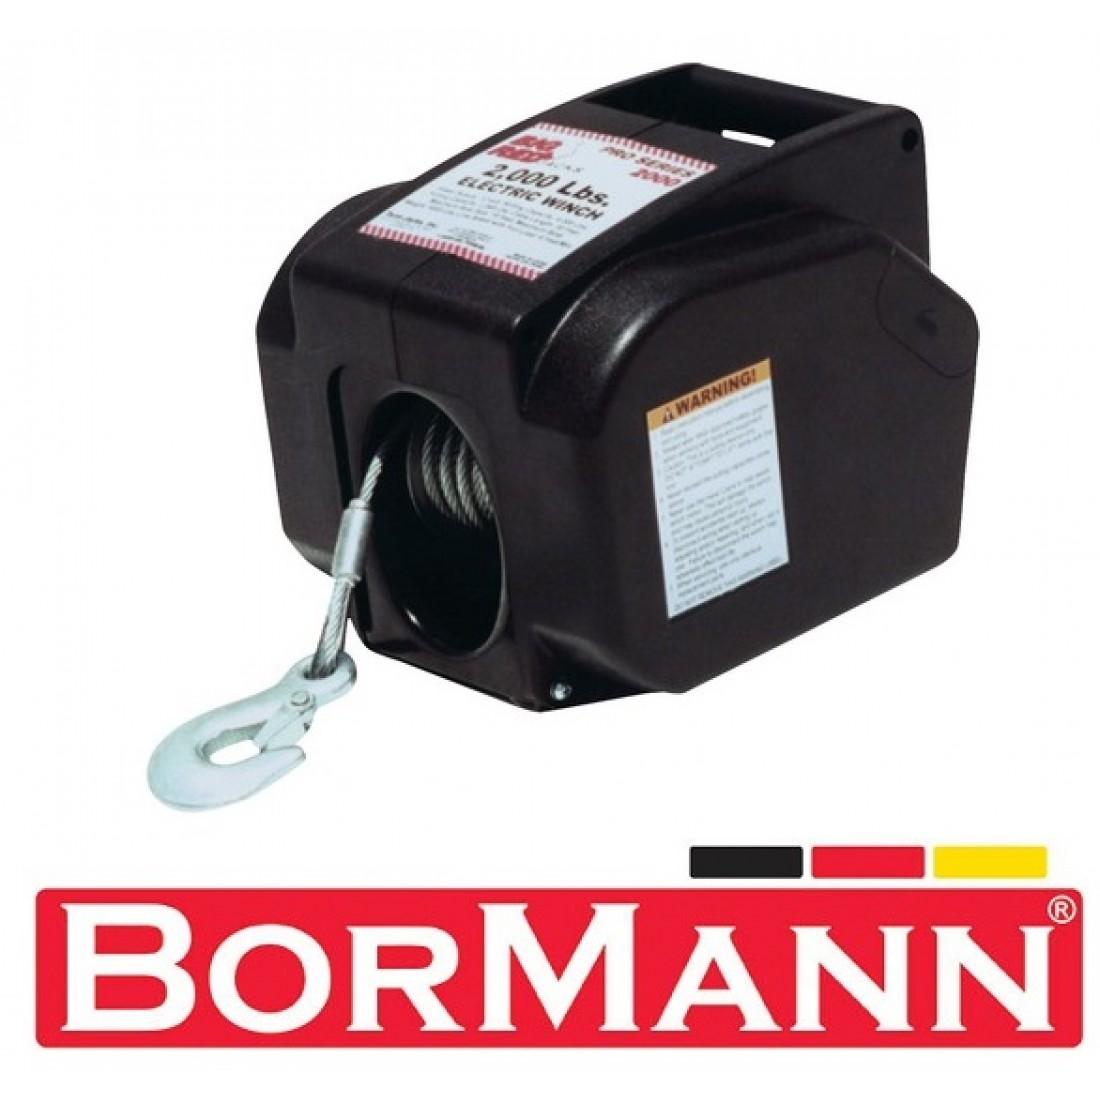 ΕΡΓΑΛΕΙΟ BORMANN BWR 5043